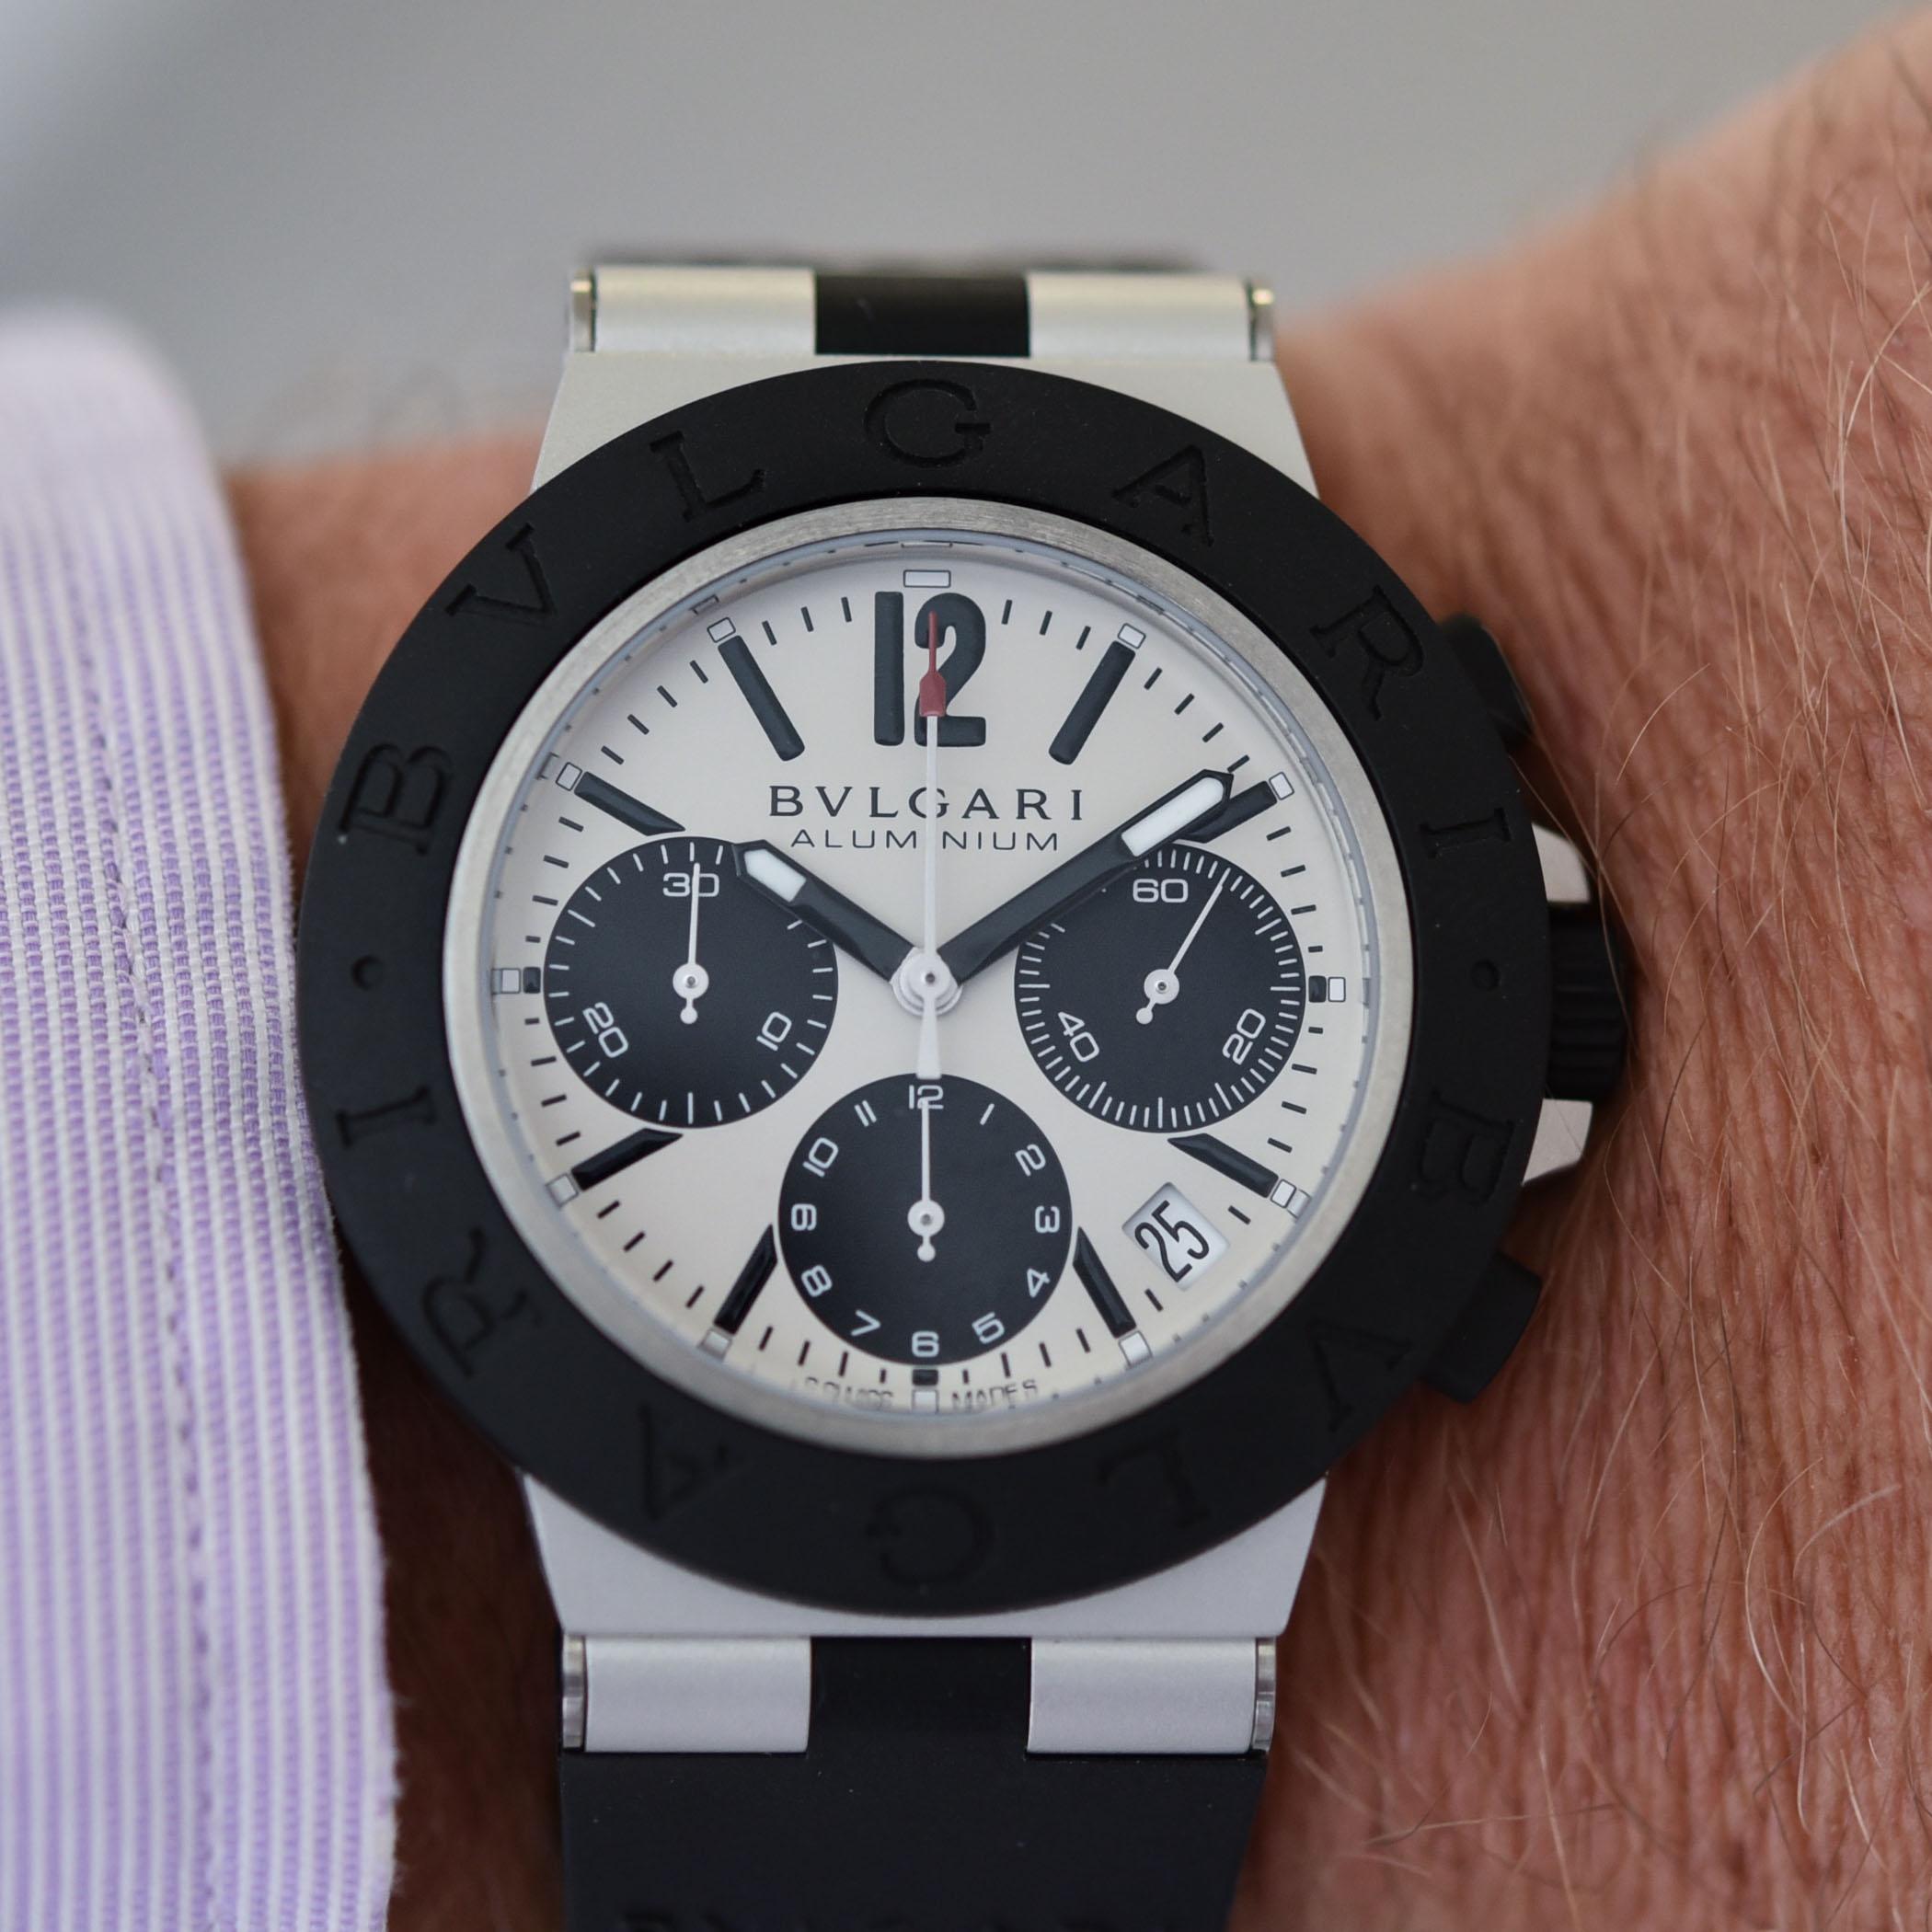 2020 Bvlgari Aluminium Watch